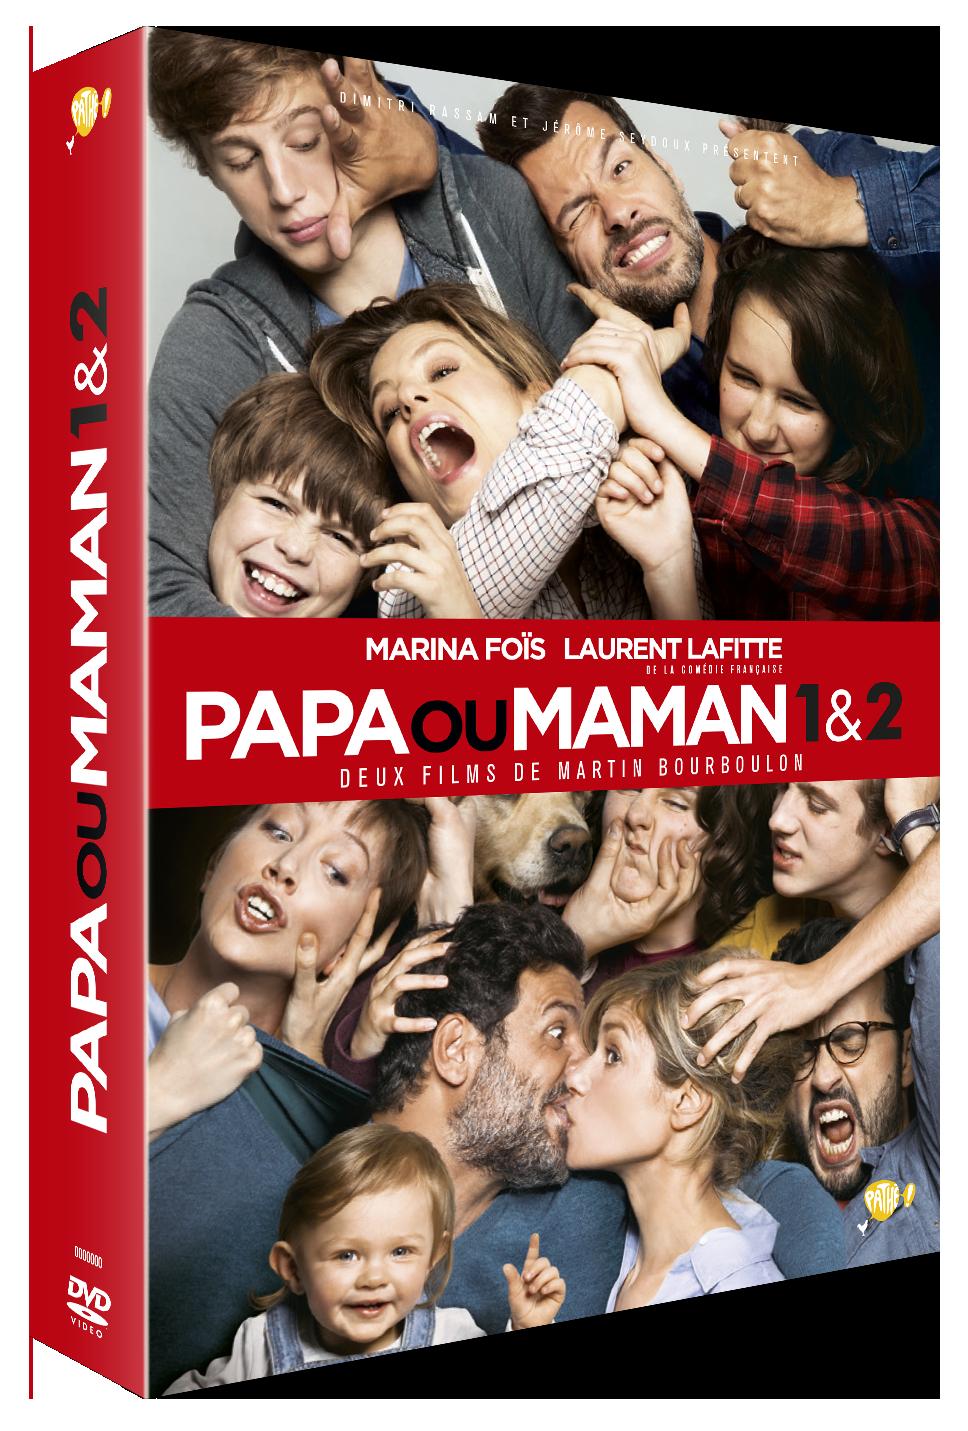 COFFRET - PAPA OU MAMAN 1 ET 2